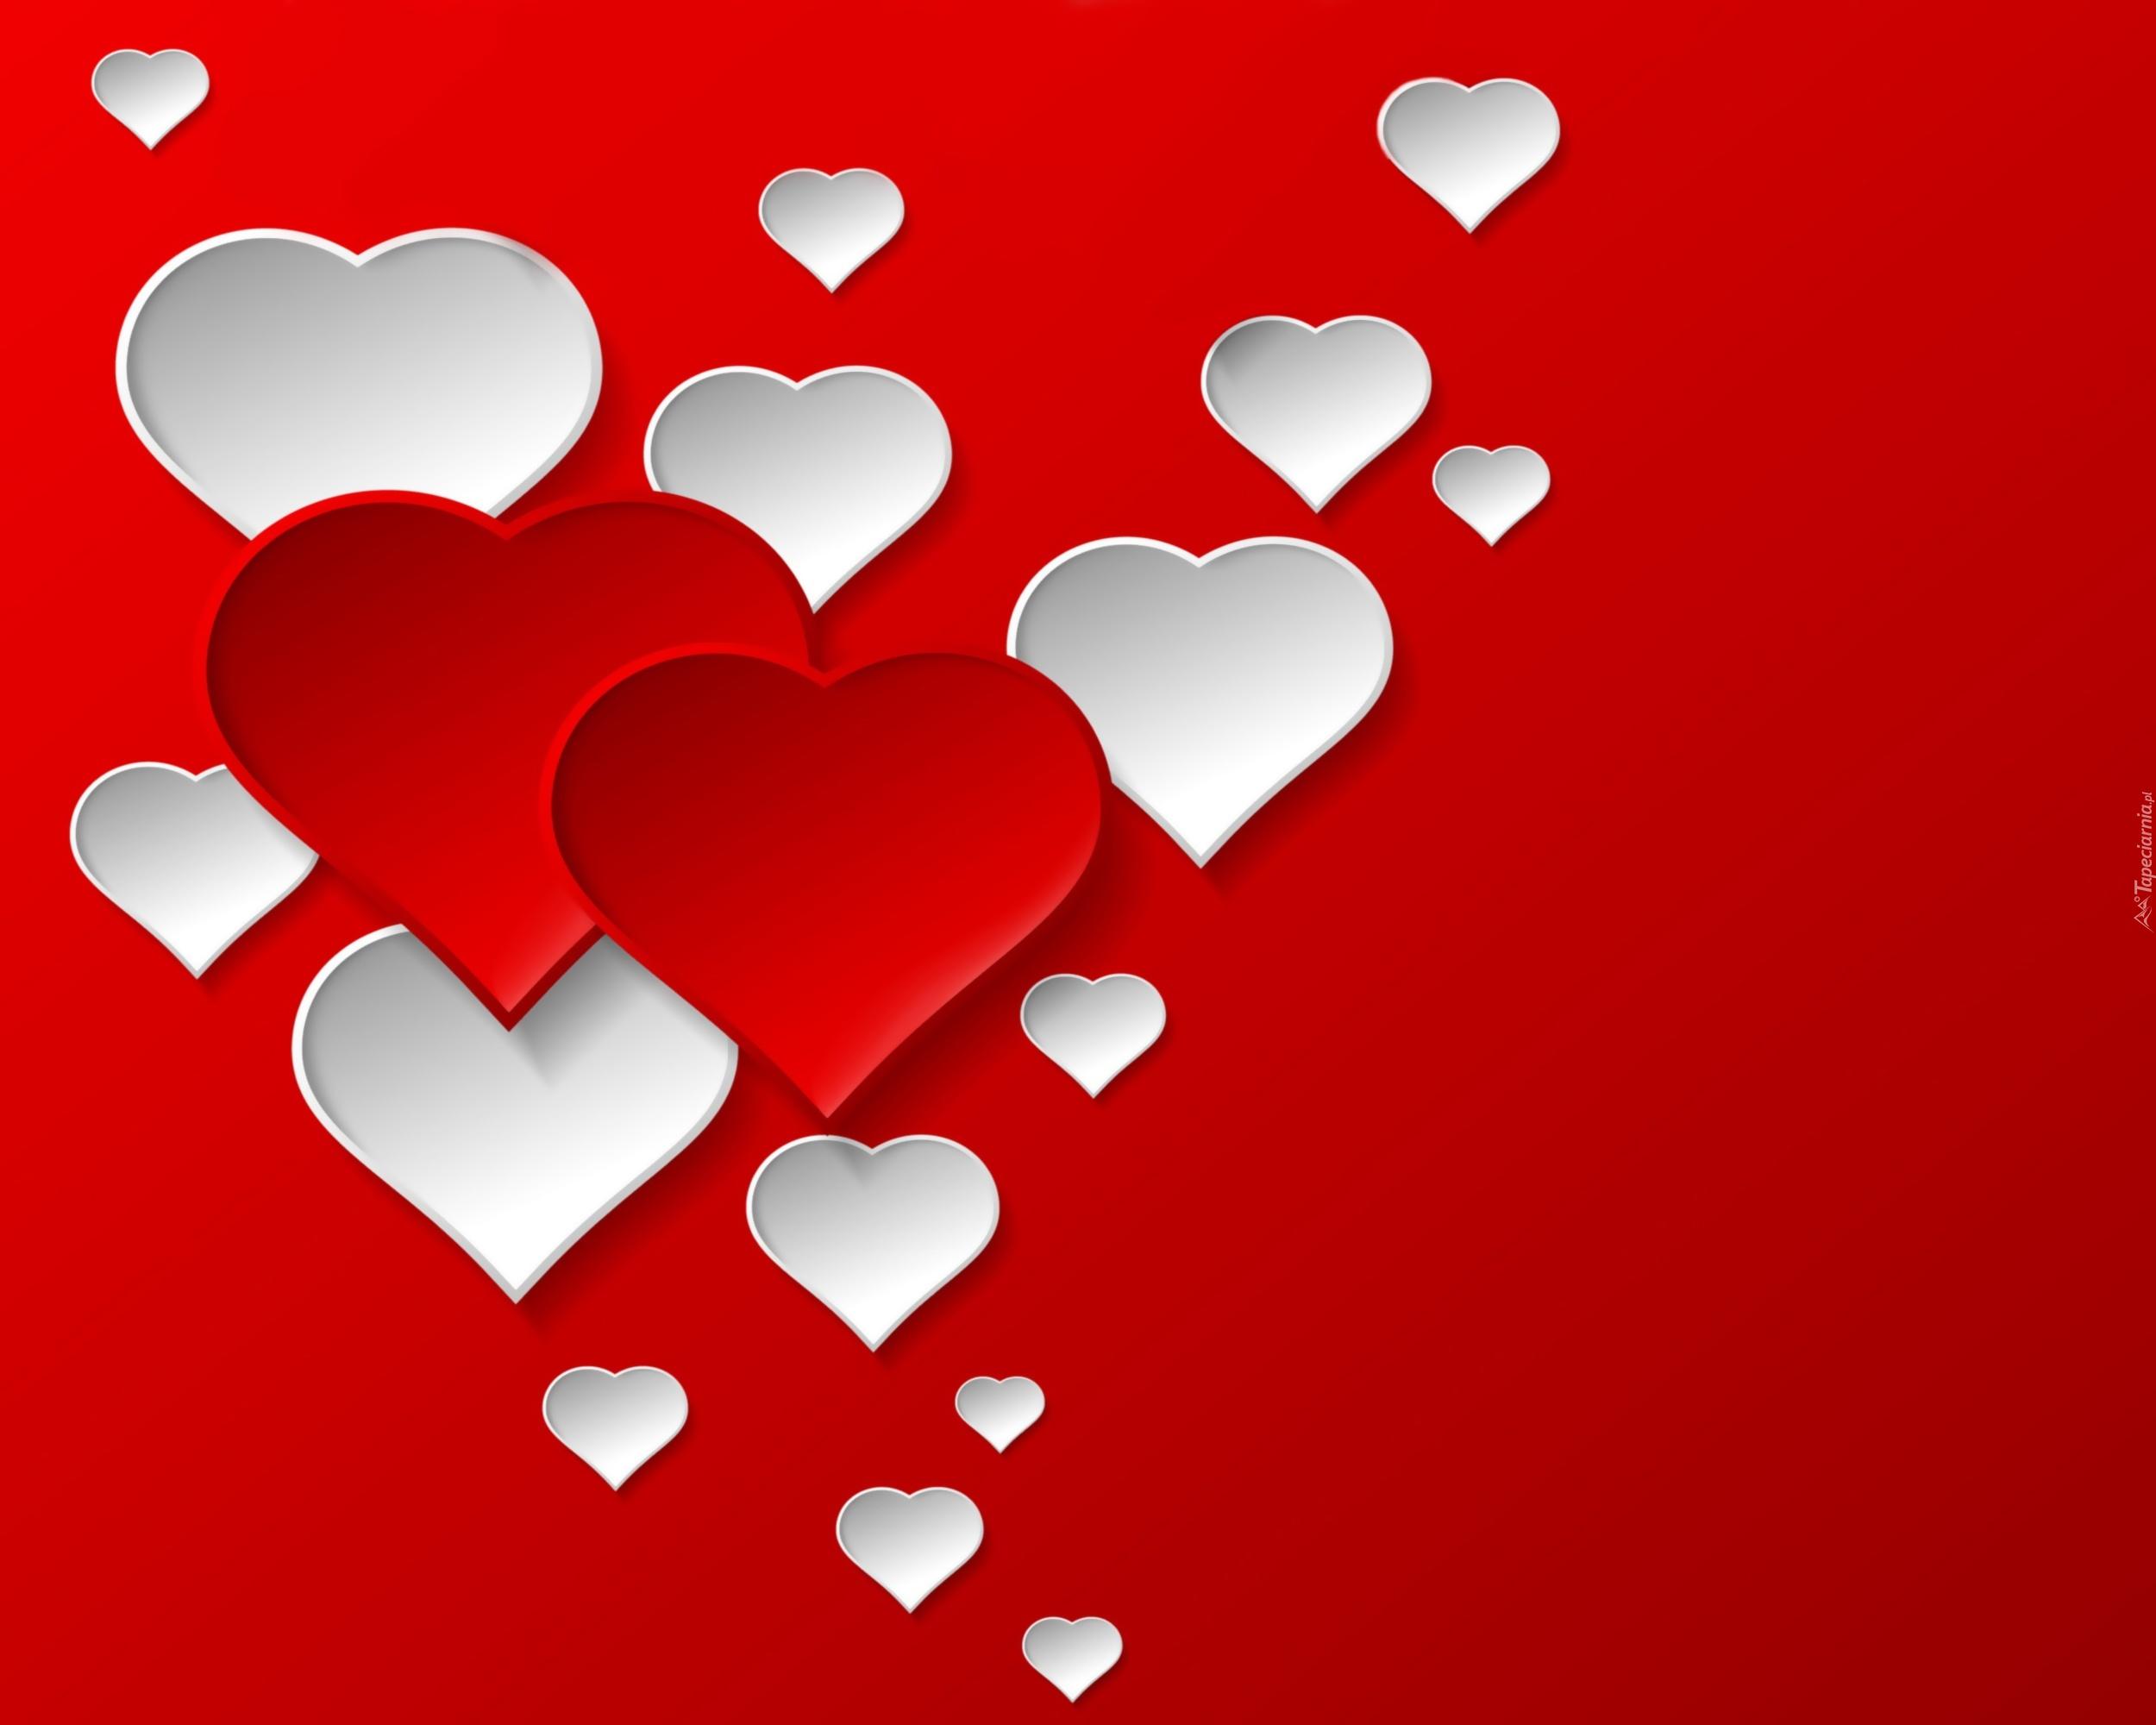 Walentynki serca bia e czerwone for The designlover